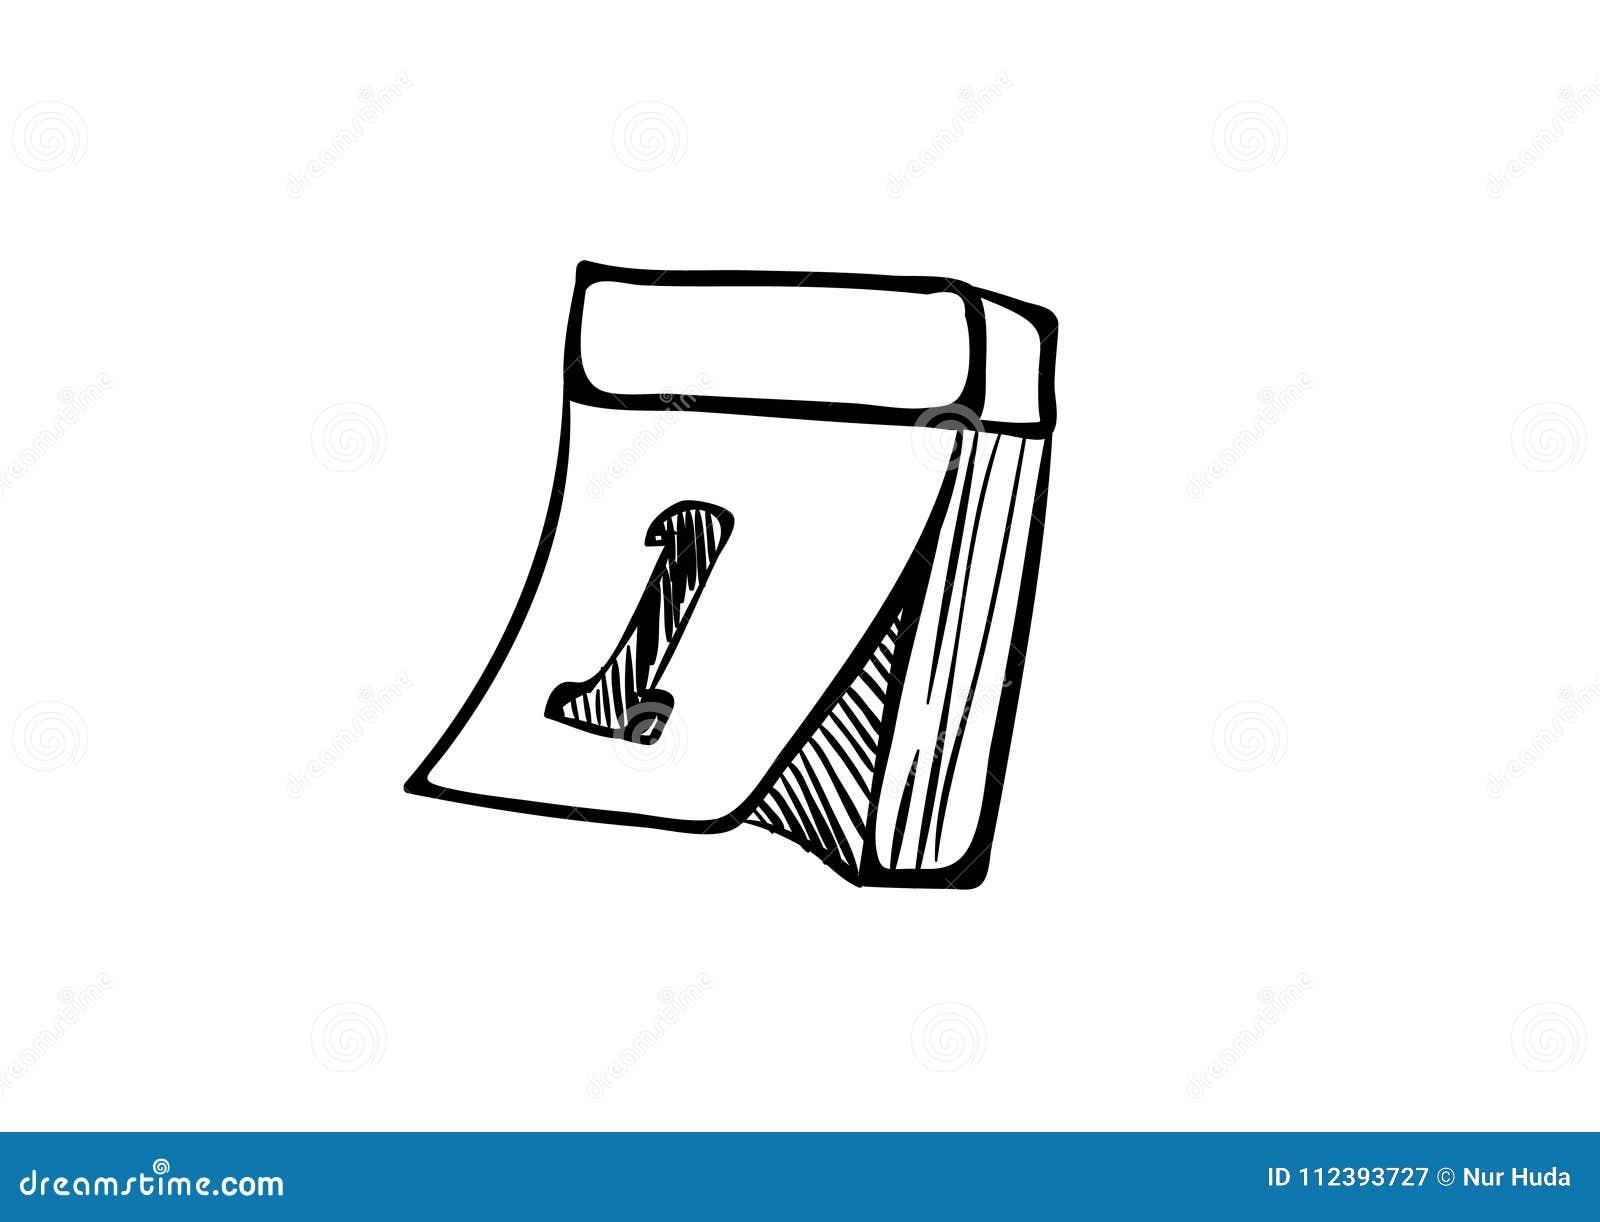 Vetor E Ilustracao Dos Desenhos Animados Do Calendario Preto E